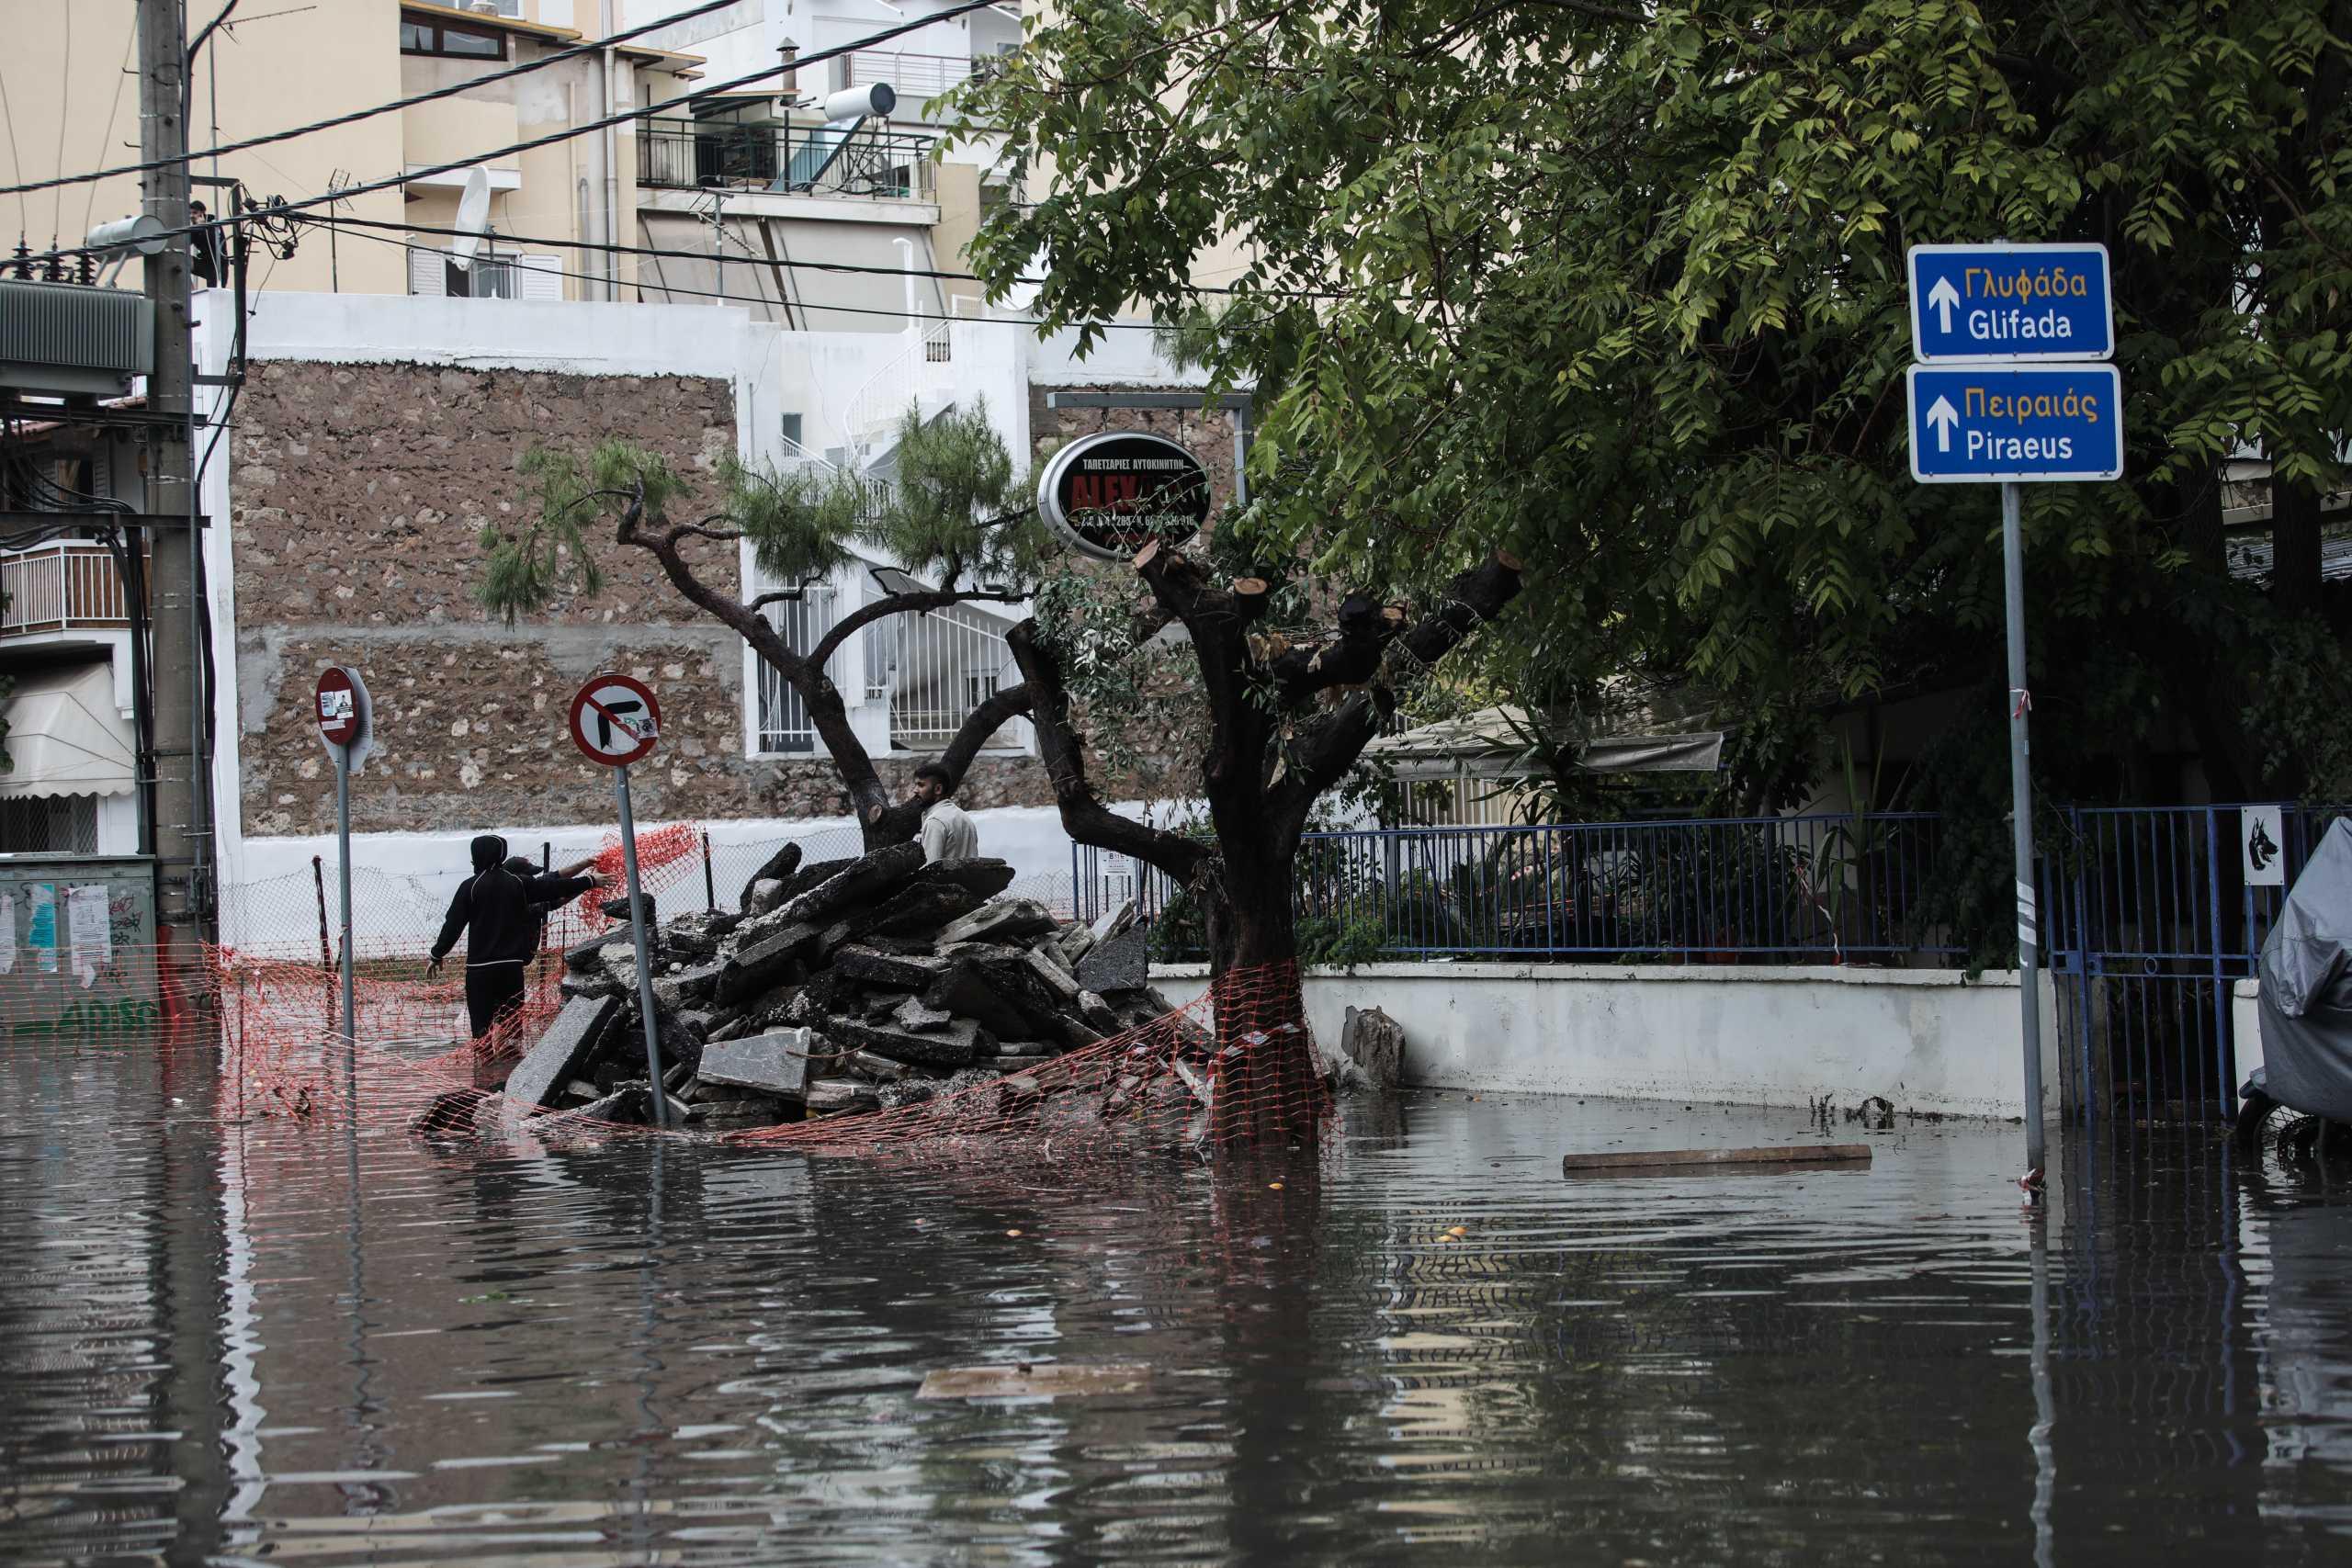 Καιρός meteo: Σε ποιες περιοχές στην Αθήνα έπεσαν μέχρι και 147 τόνοι νερού ανά στρέμμα